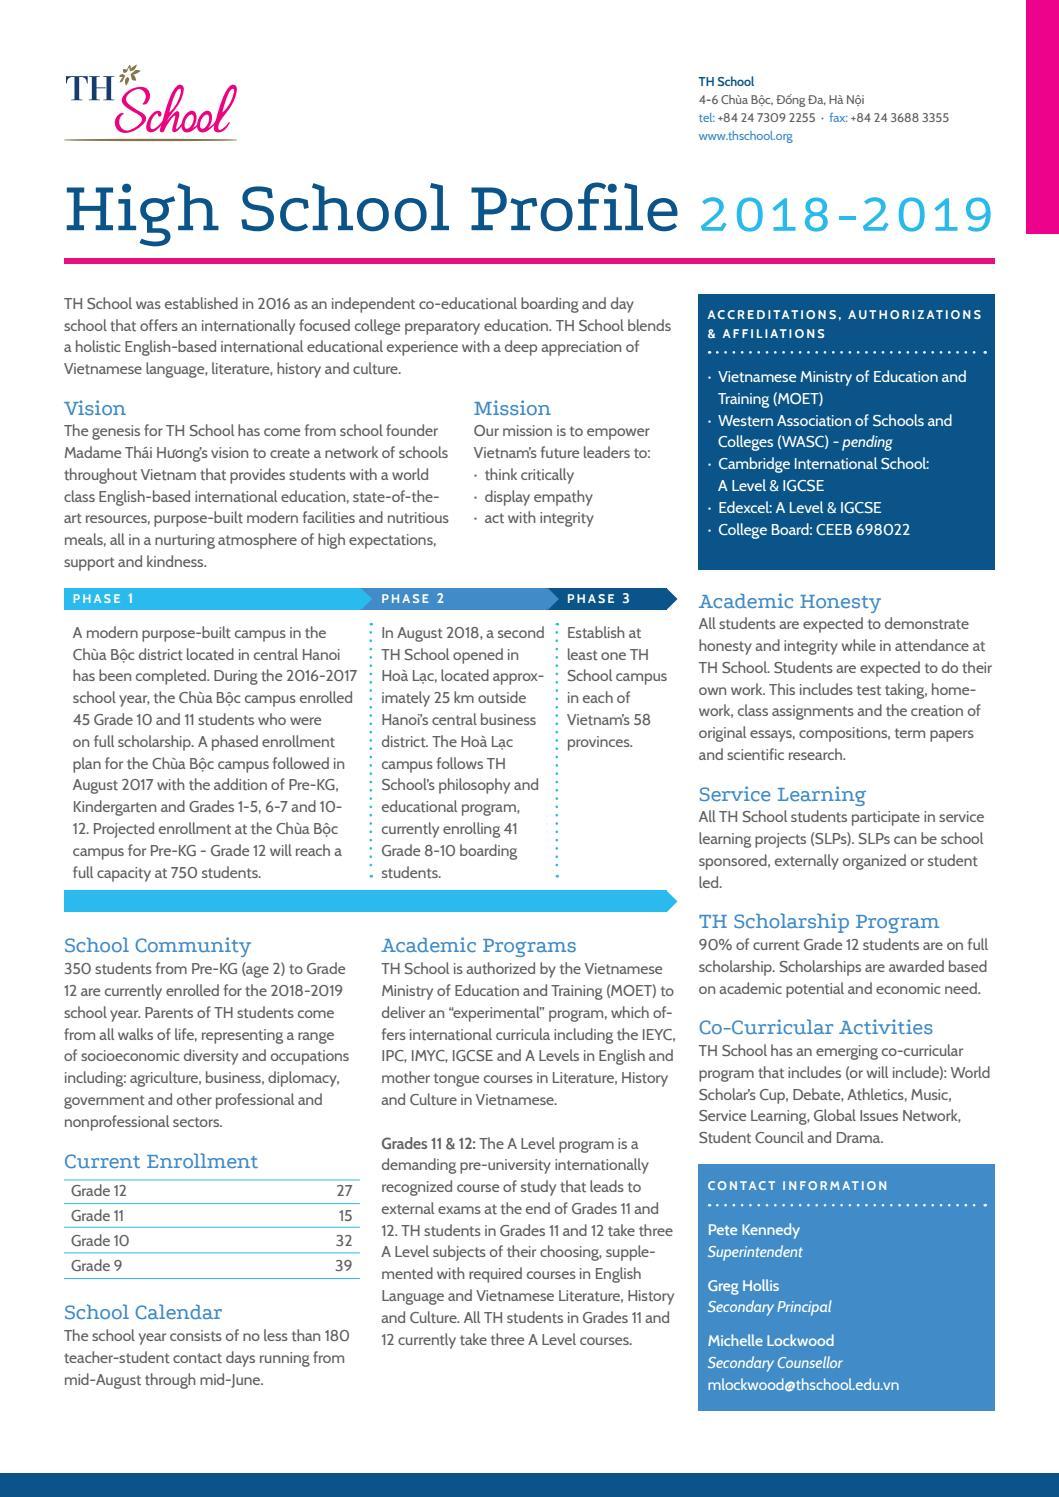 TH School High School Profile 2018-2019 by TH School - issuu